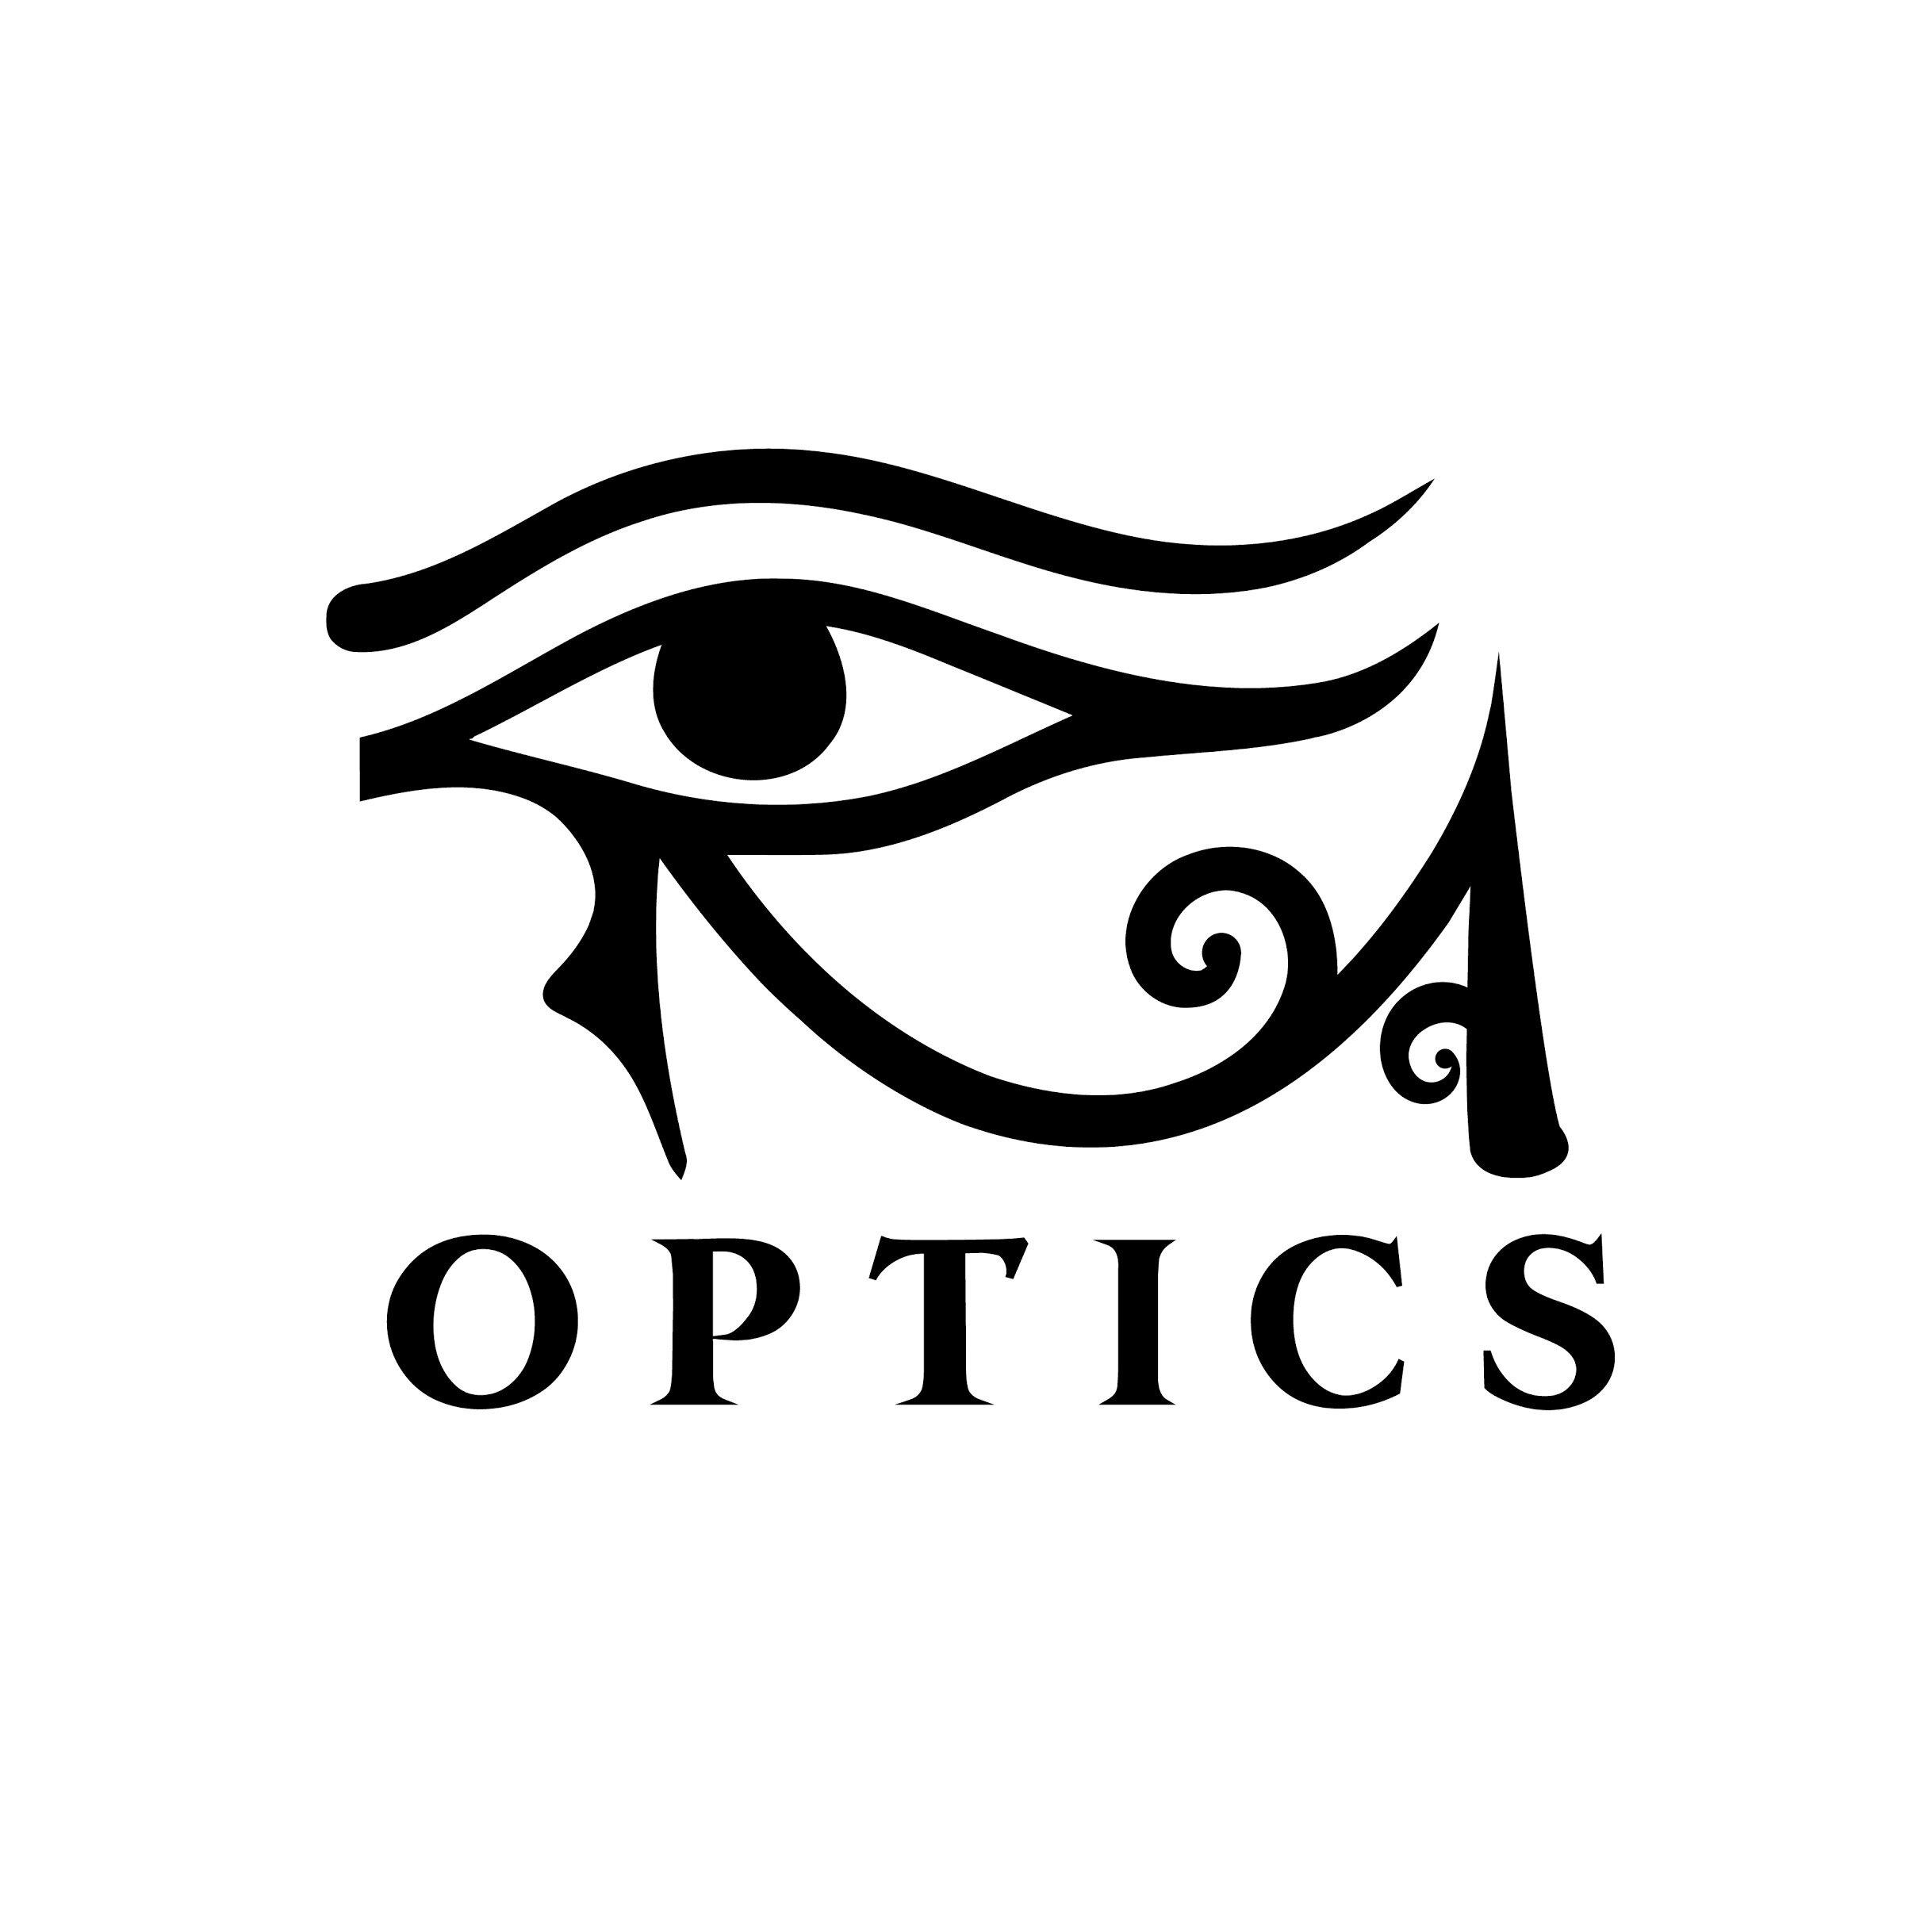 Ra-optics.JPG